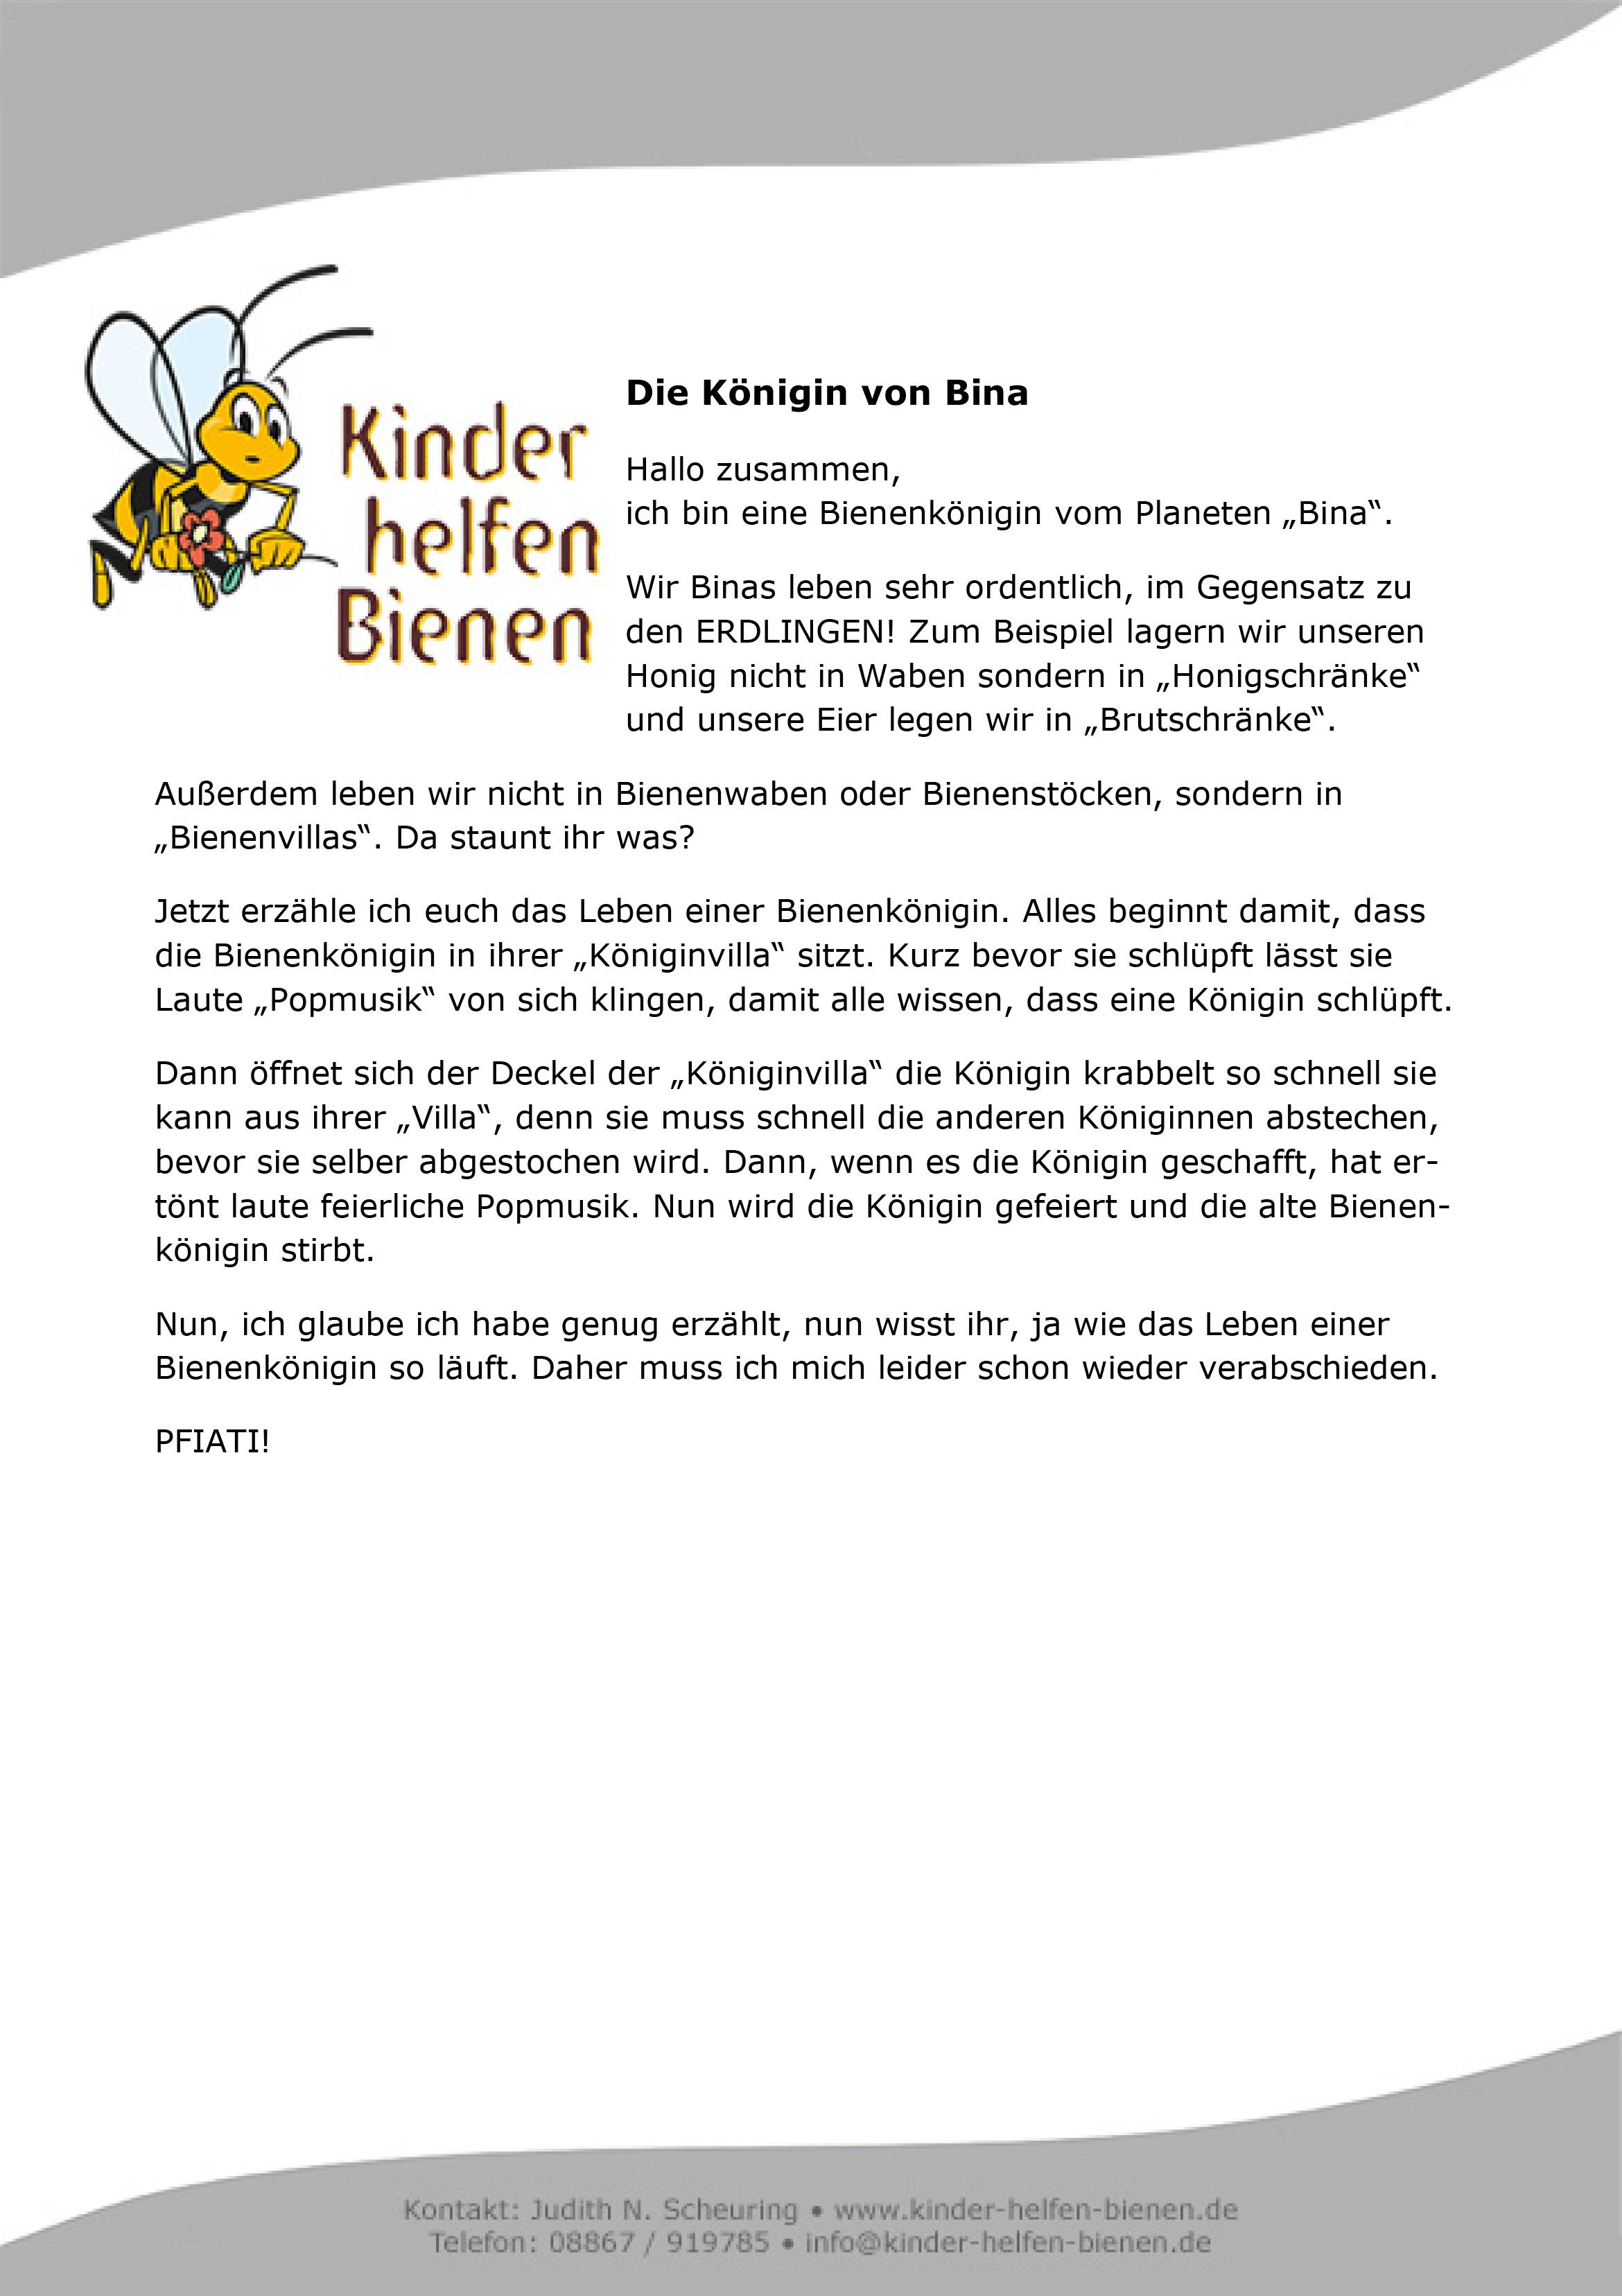 Ludwigs Bienengeschichte Kinder Helfen Bienen